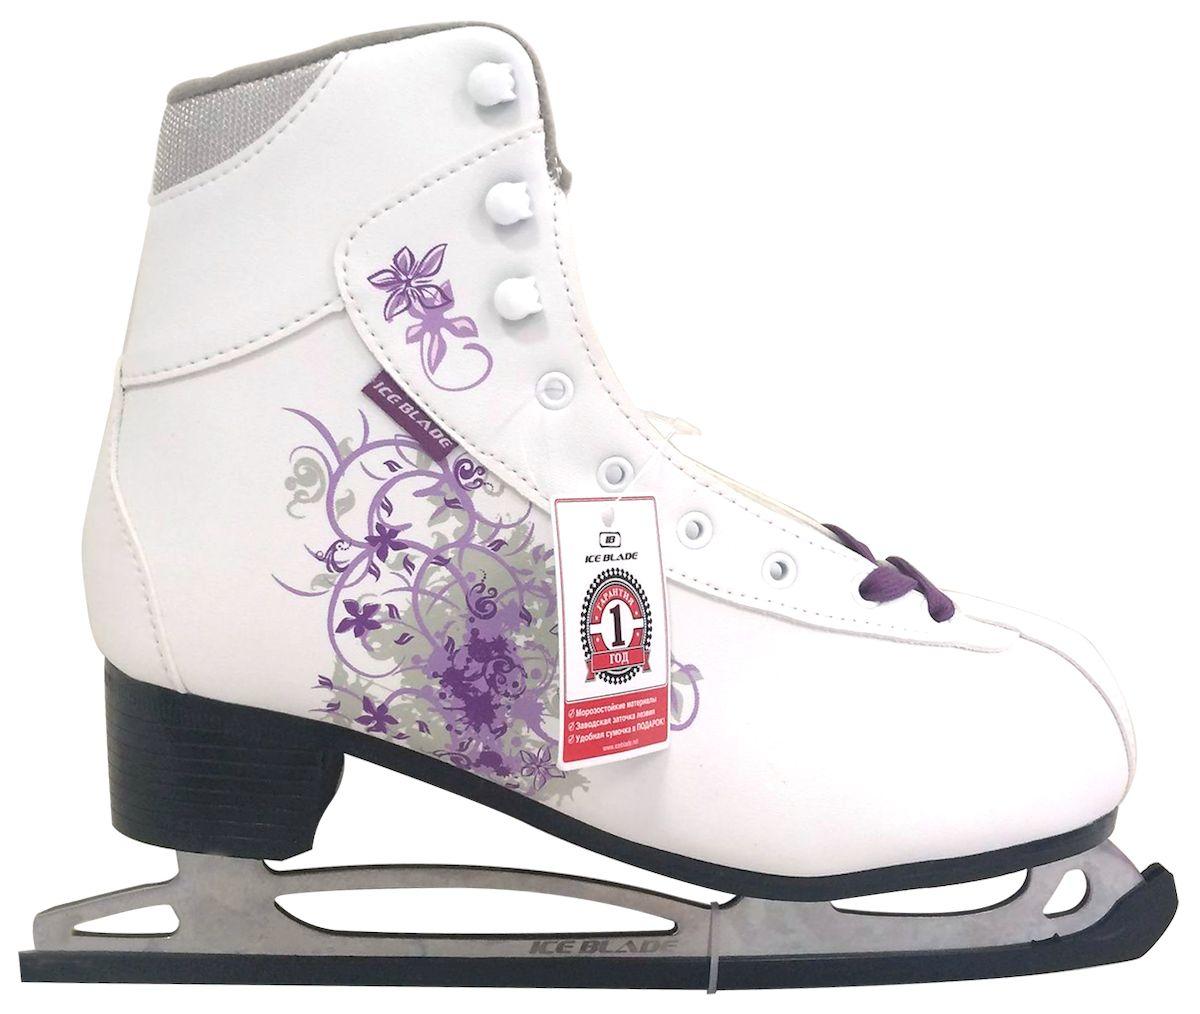 Коньки фигурные Ice Blade Sochi, цвет: белый, фиолетовый. УТ-00004988. Размер 38